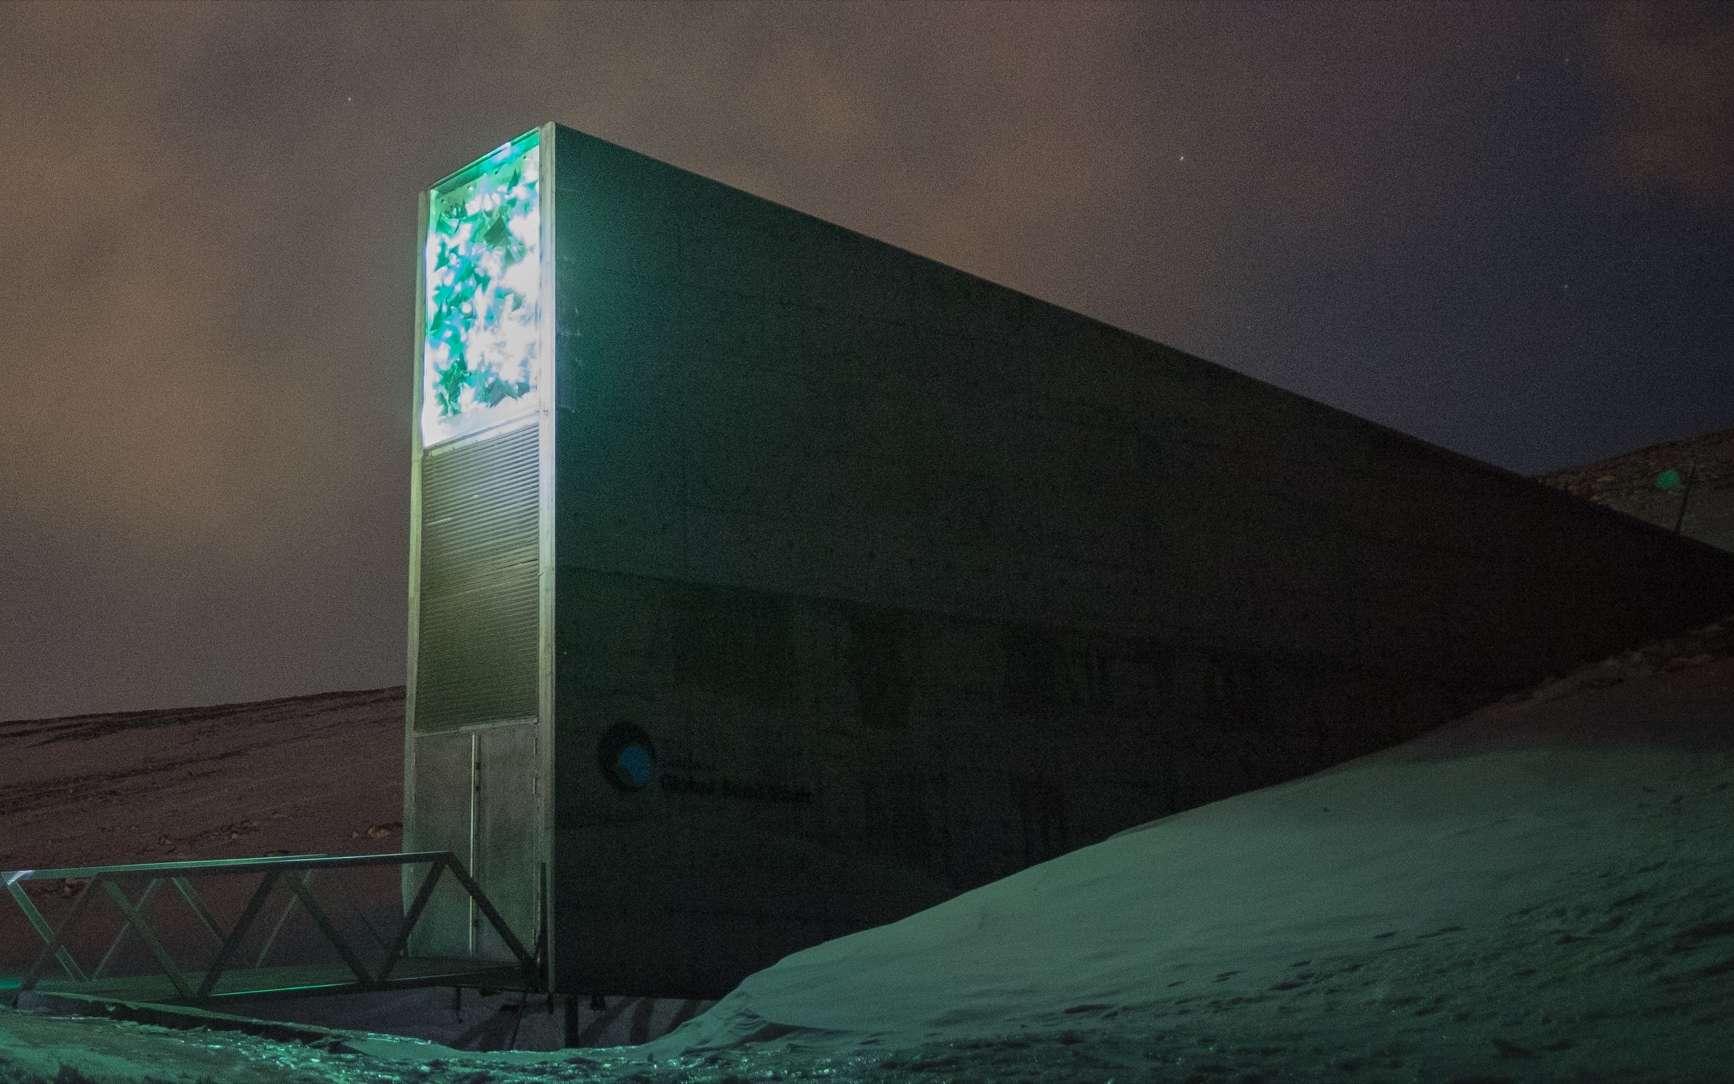 Le Svalbard Global Seed Vault, en Norgège, est la plus grosse réserve mondiale de semences. Cette Arche de Noé végétale est située à plus un millier de kilomètres du pôle Nord sur l'archipel du Svalbard. © Frode Ramone, Oslo, Norway, Wikimedia Commons, CC by-sa 2.0